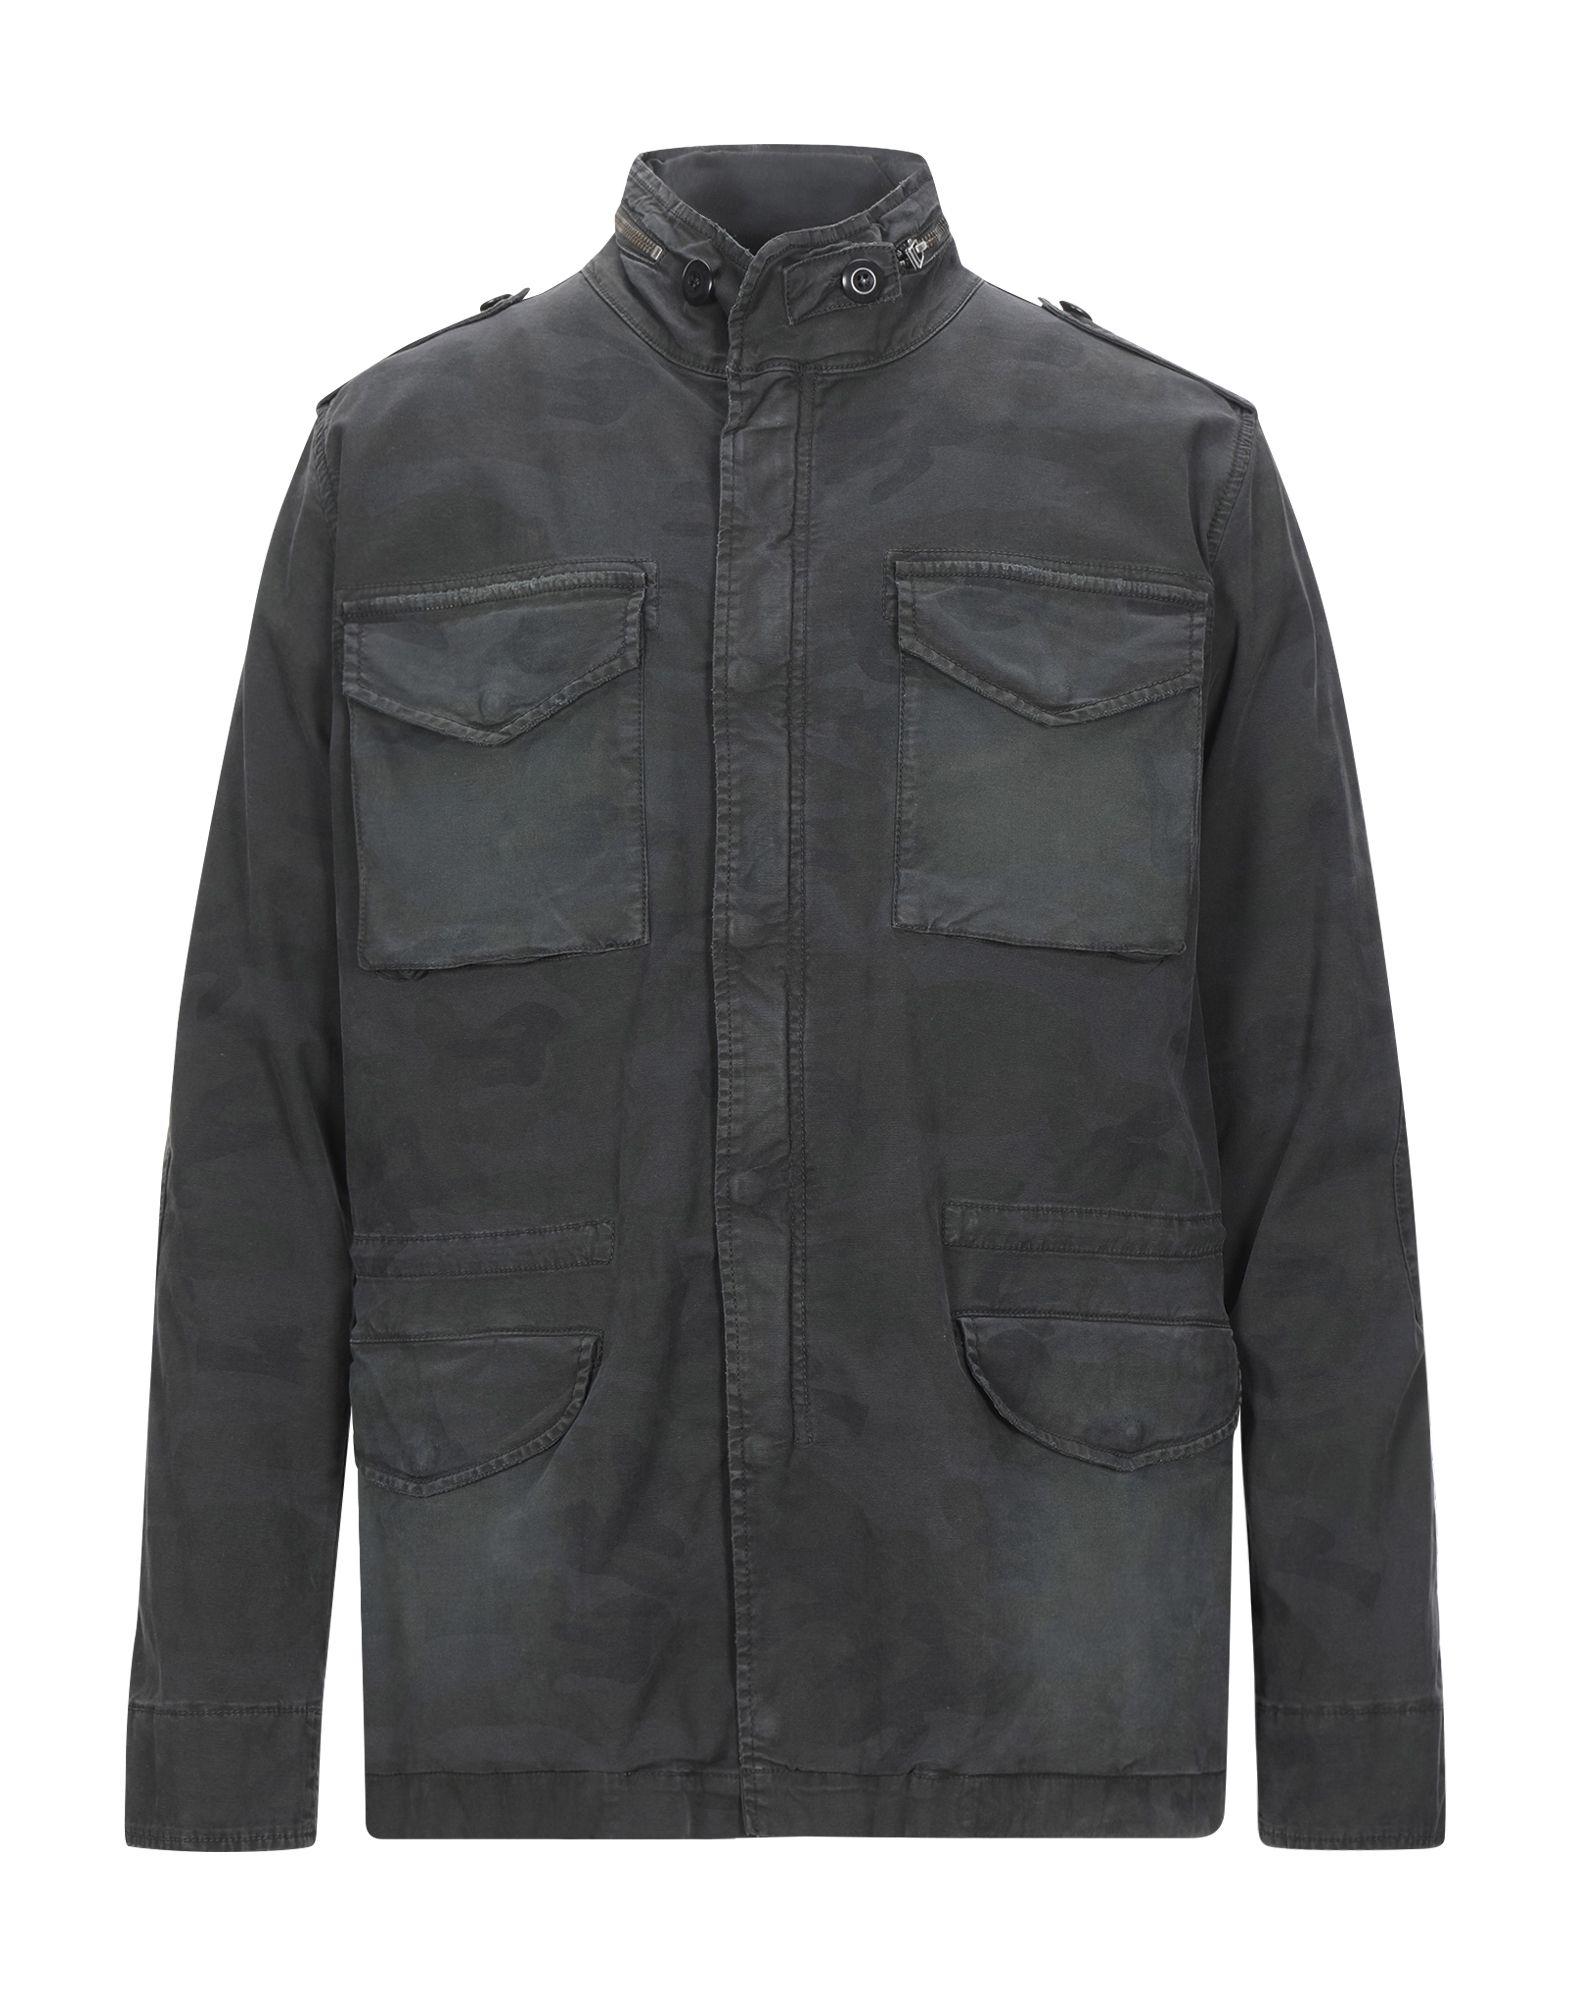 Фото - 40WEFT Куртка 40weft pубашка